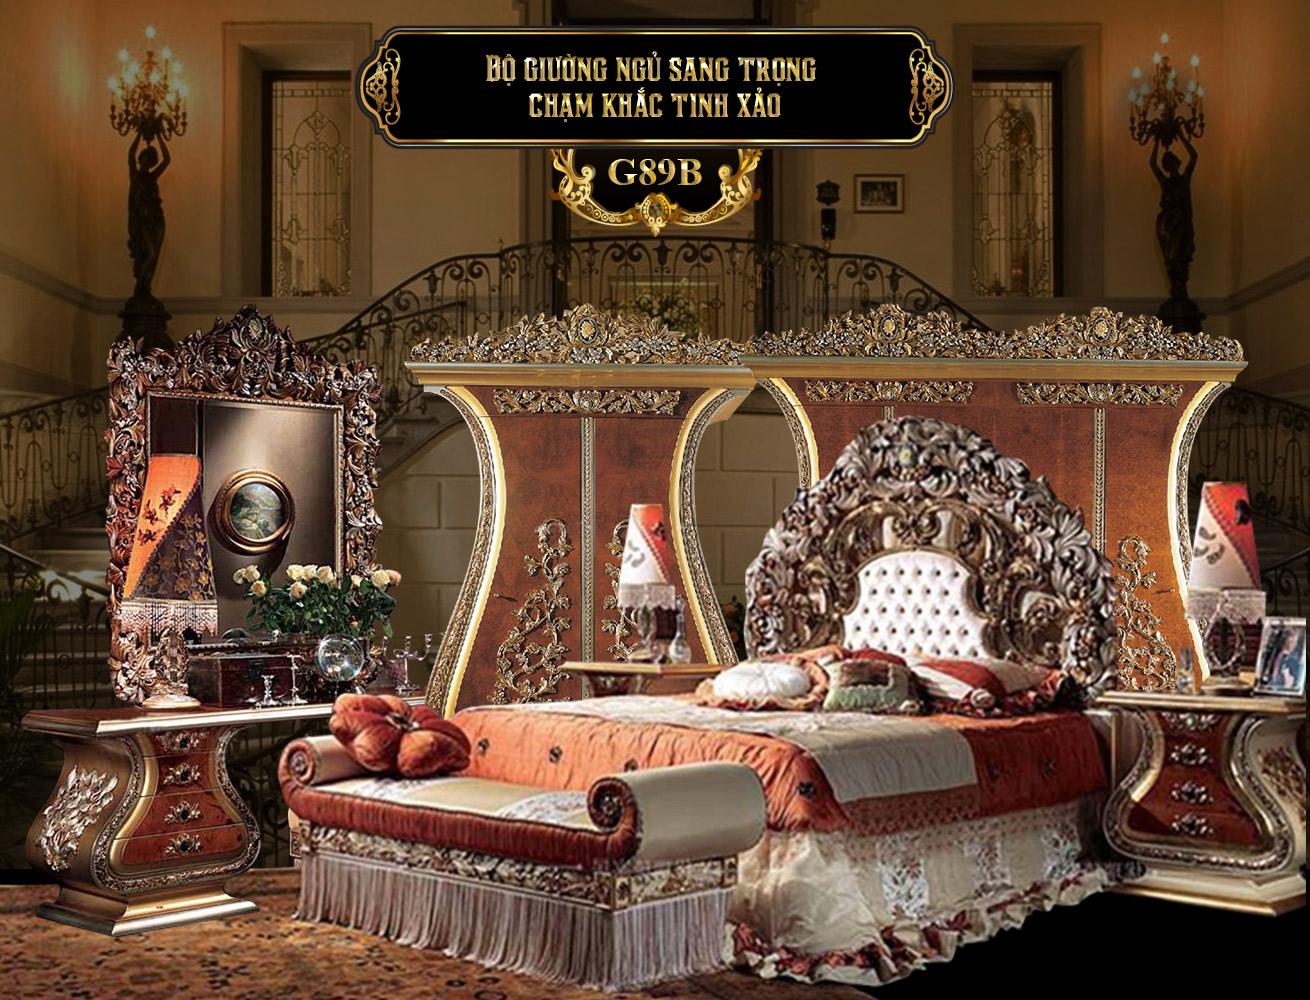 Bộ giường ngủ sang trọng G89B gỗ tự nhiên, giường ngủ gỗ Sồi đẹp nhập khẩu